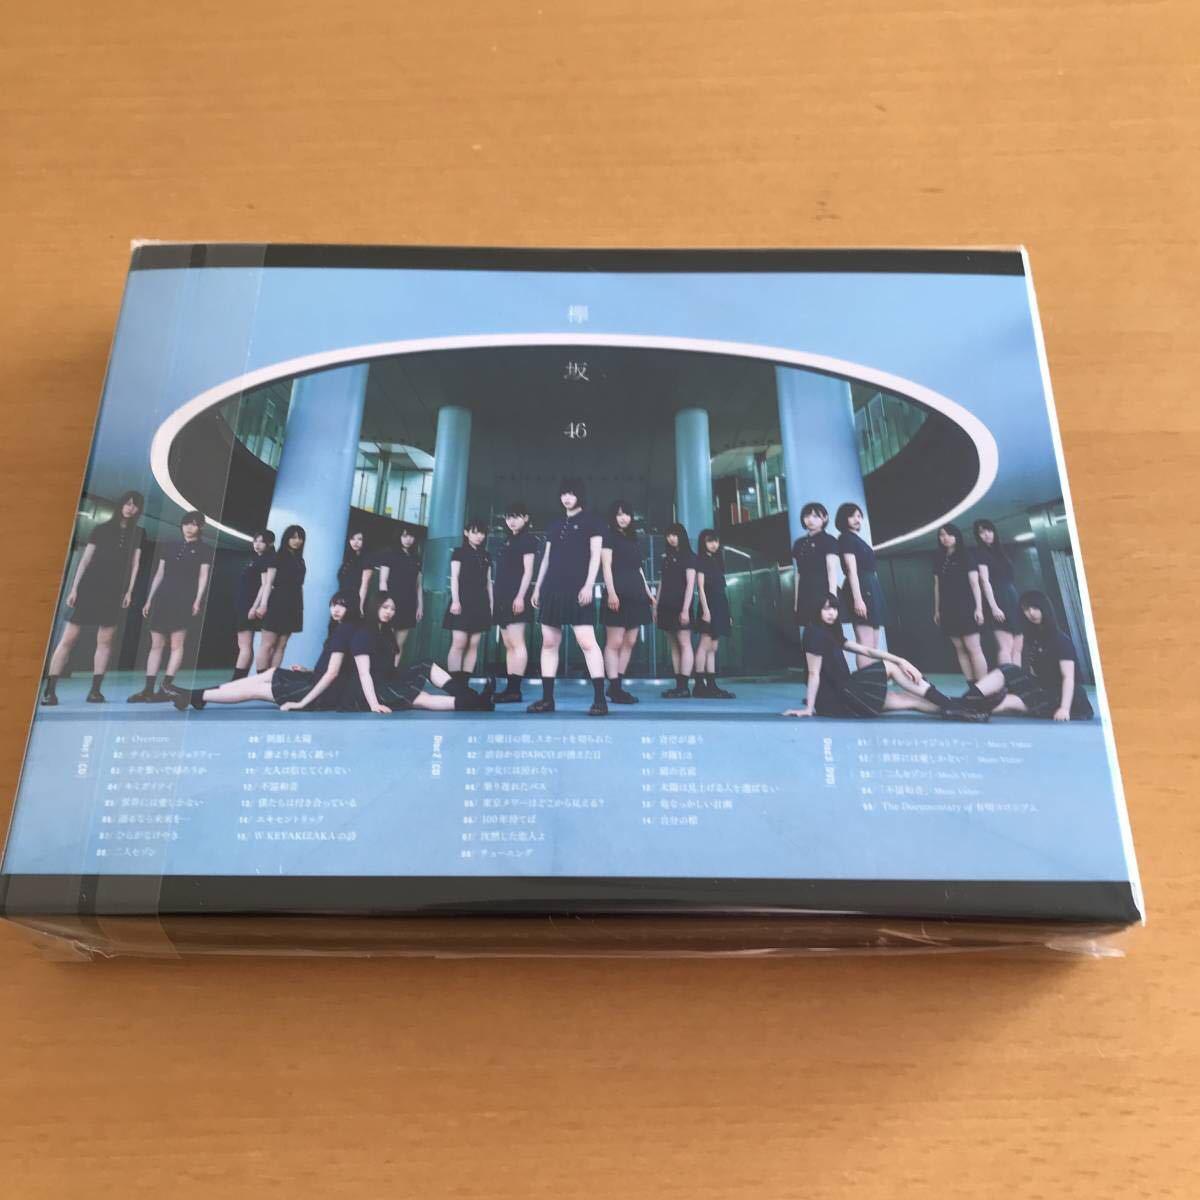 ◆ 欅坂46 真っ白なものは汚したくなる 初回仕様限定盤Type-A+初回仕様限定盤Type-B 新品未開封 ◆ お早めに_画像3